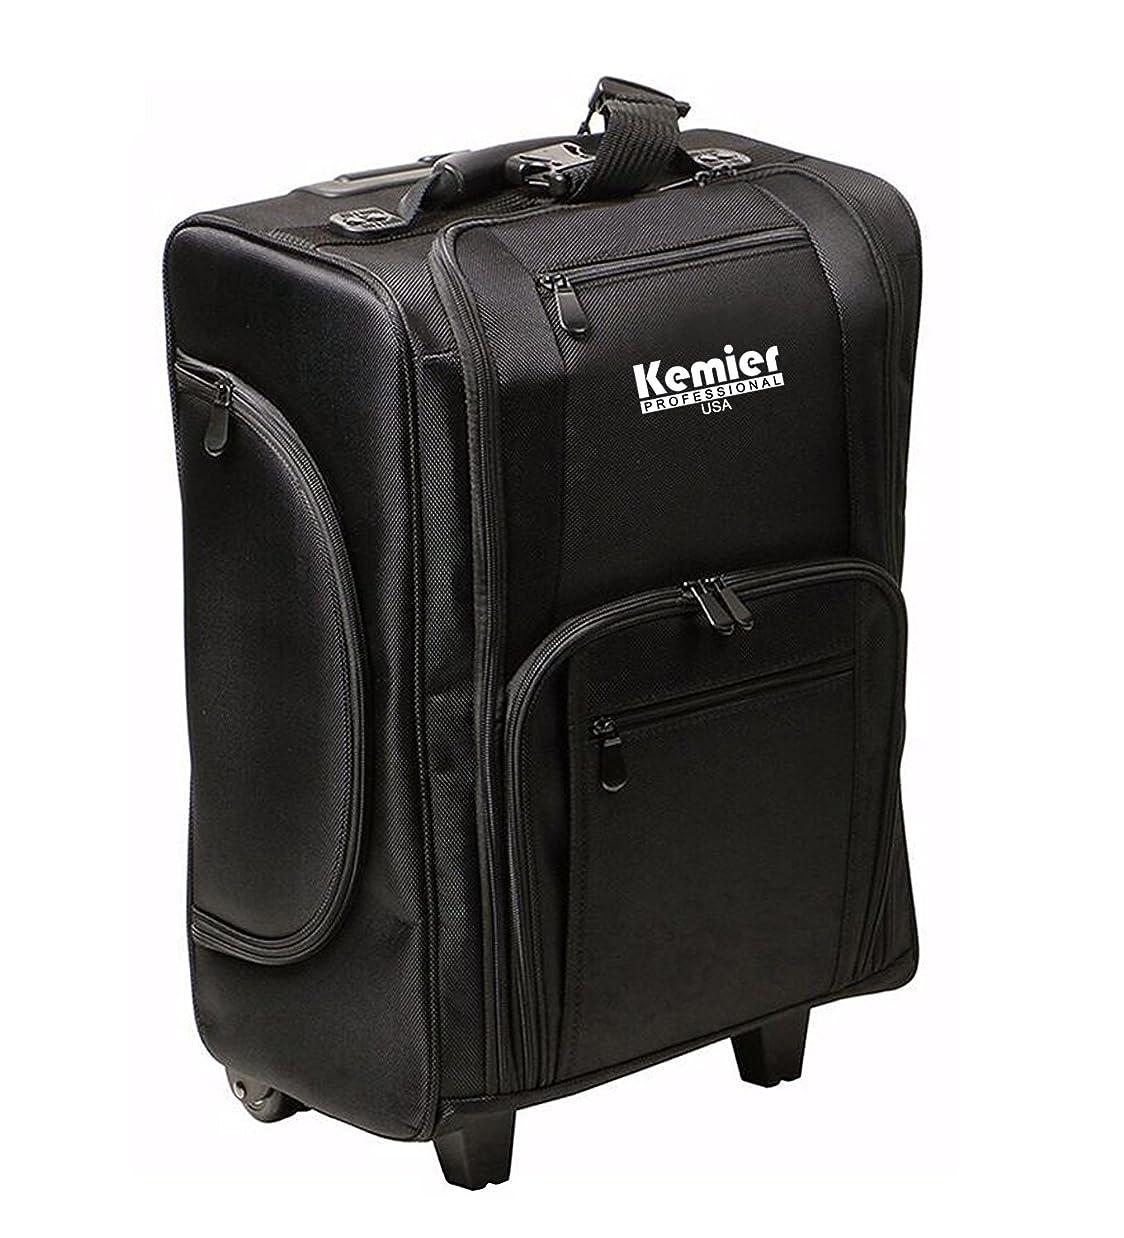 怠印象パースブラックボロウKemier 袋を備えたポータブル化粧品オーガナイザーソフト両面ナイロン製 圧延化粧ケース ブラック